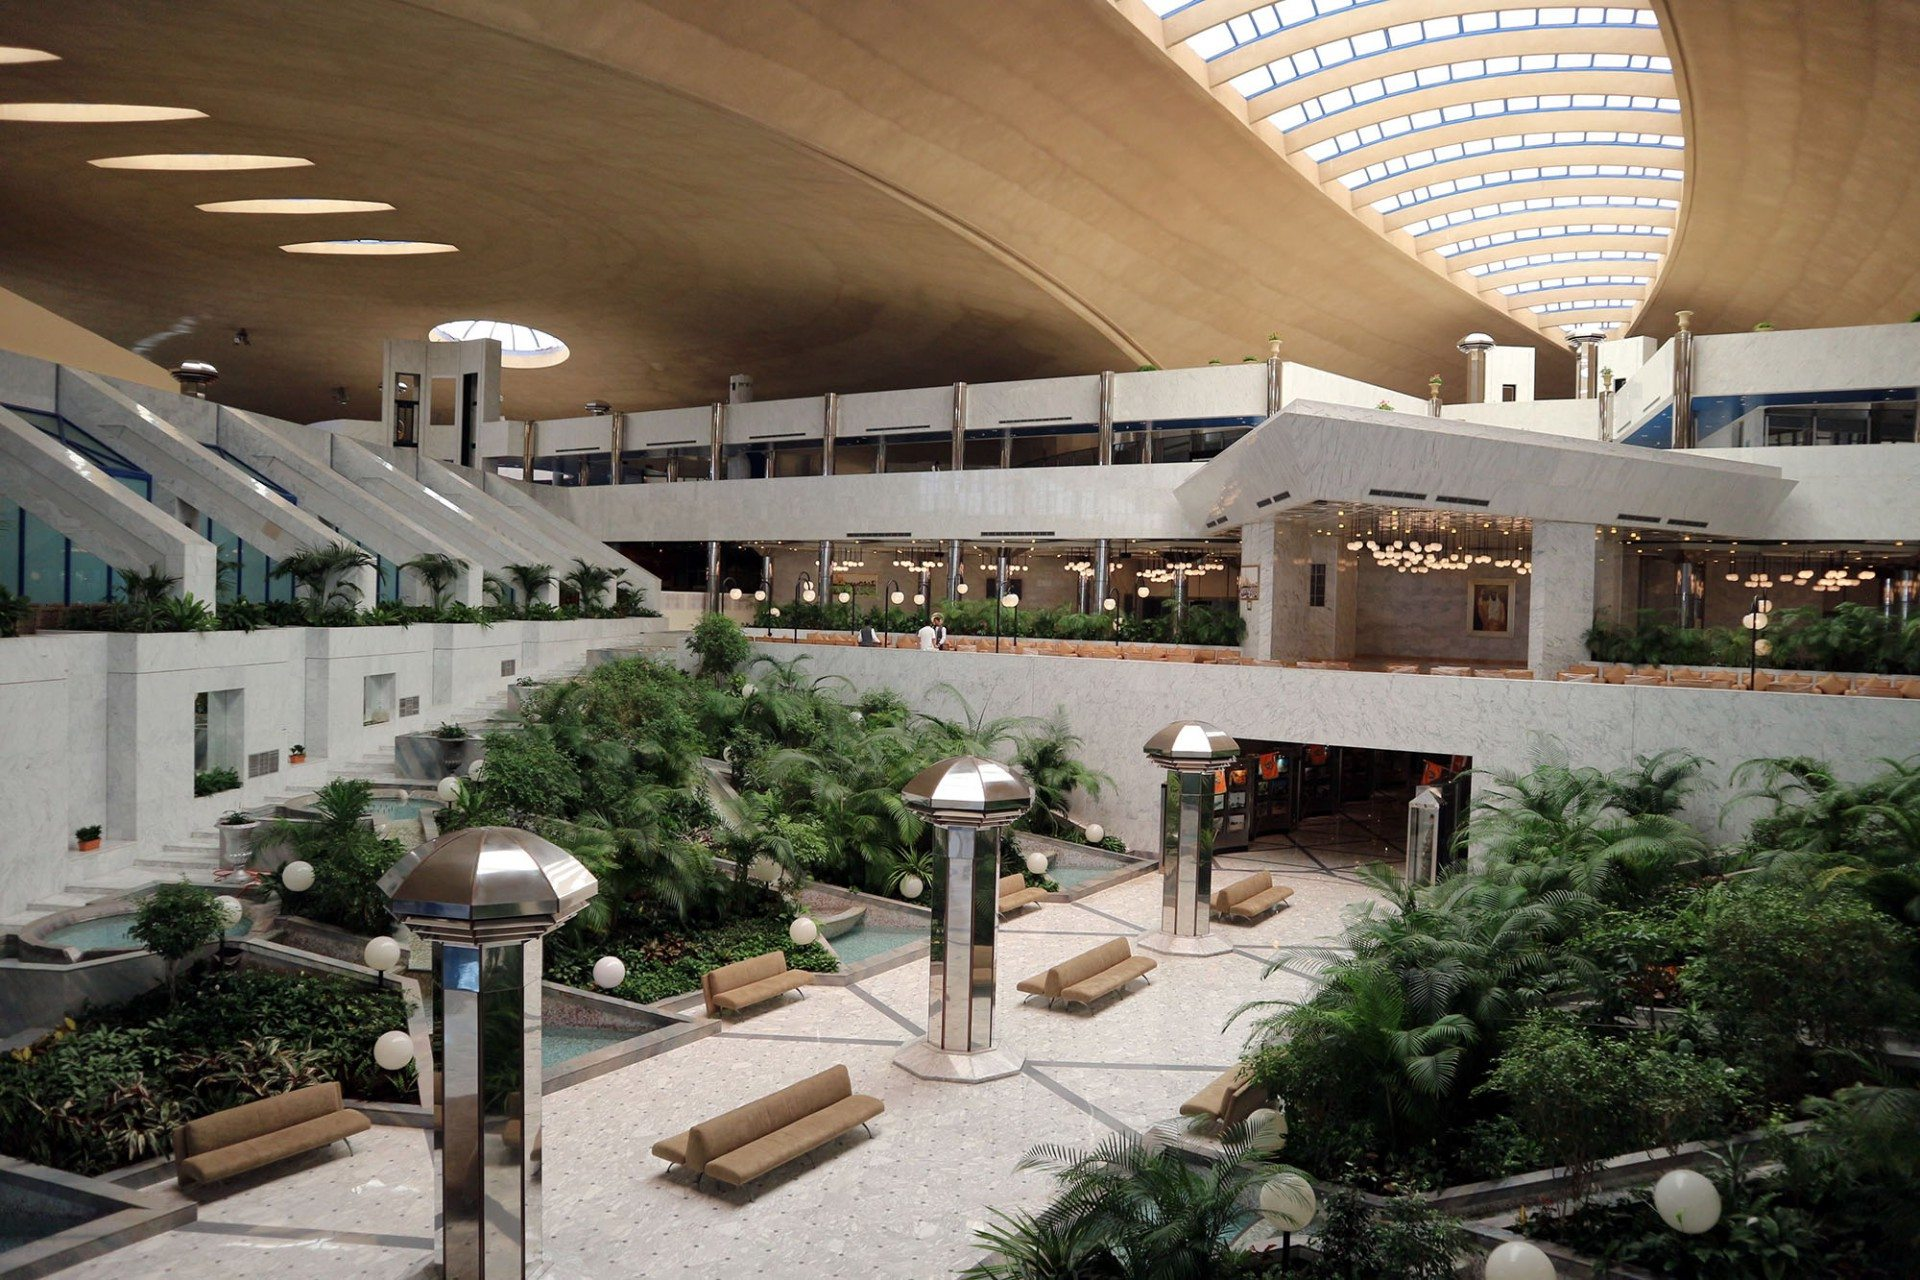 Metaphorisch.  In Anlehnung an die Oasenstadt liegen den Naturstein verkleideten Konferenzformationen grüne Gärten und falaj-ähnliche Wasserspiele zu Füßen.